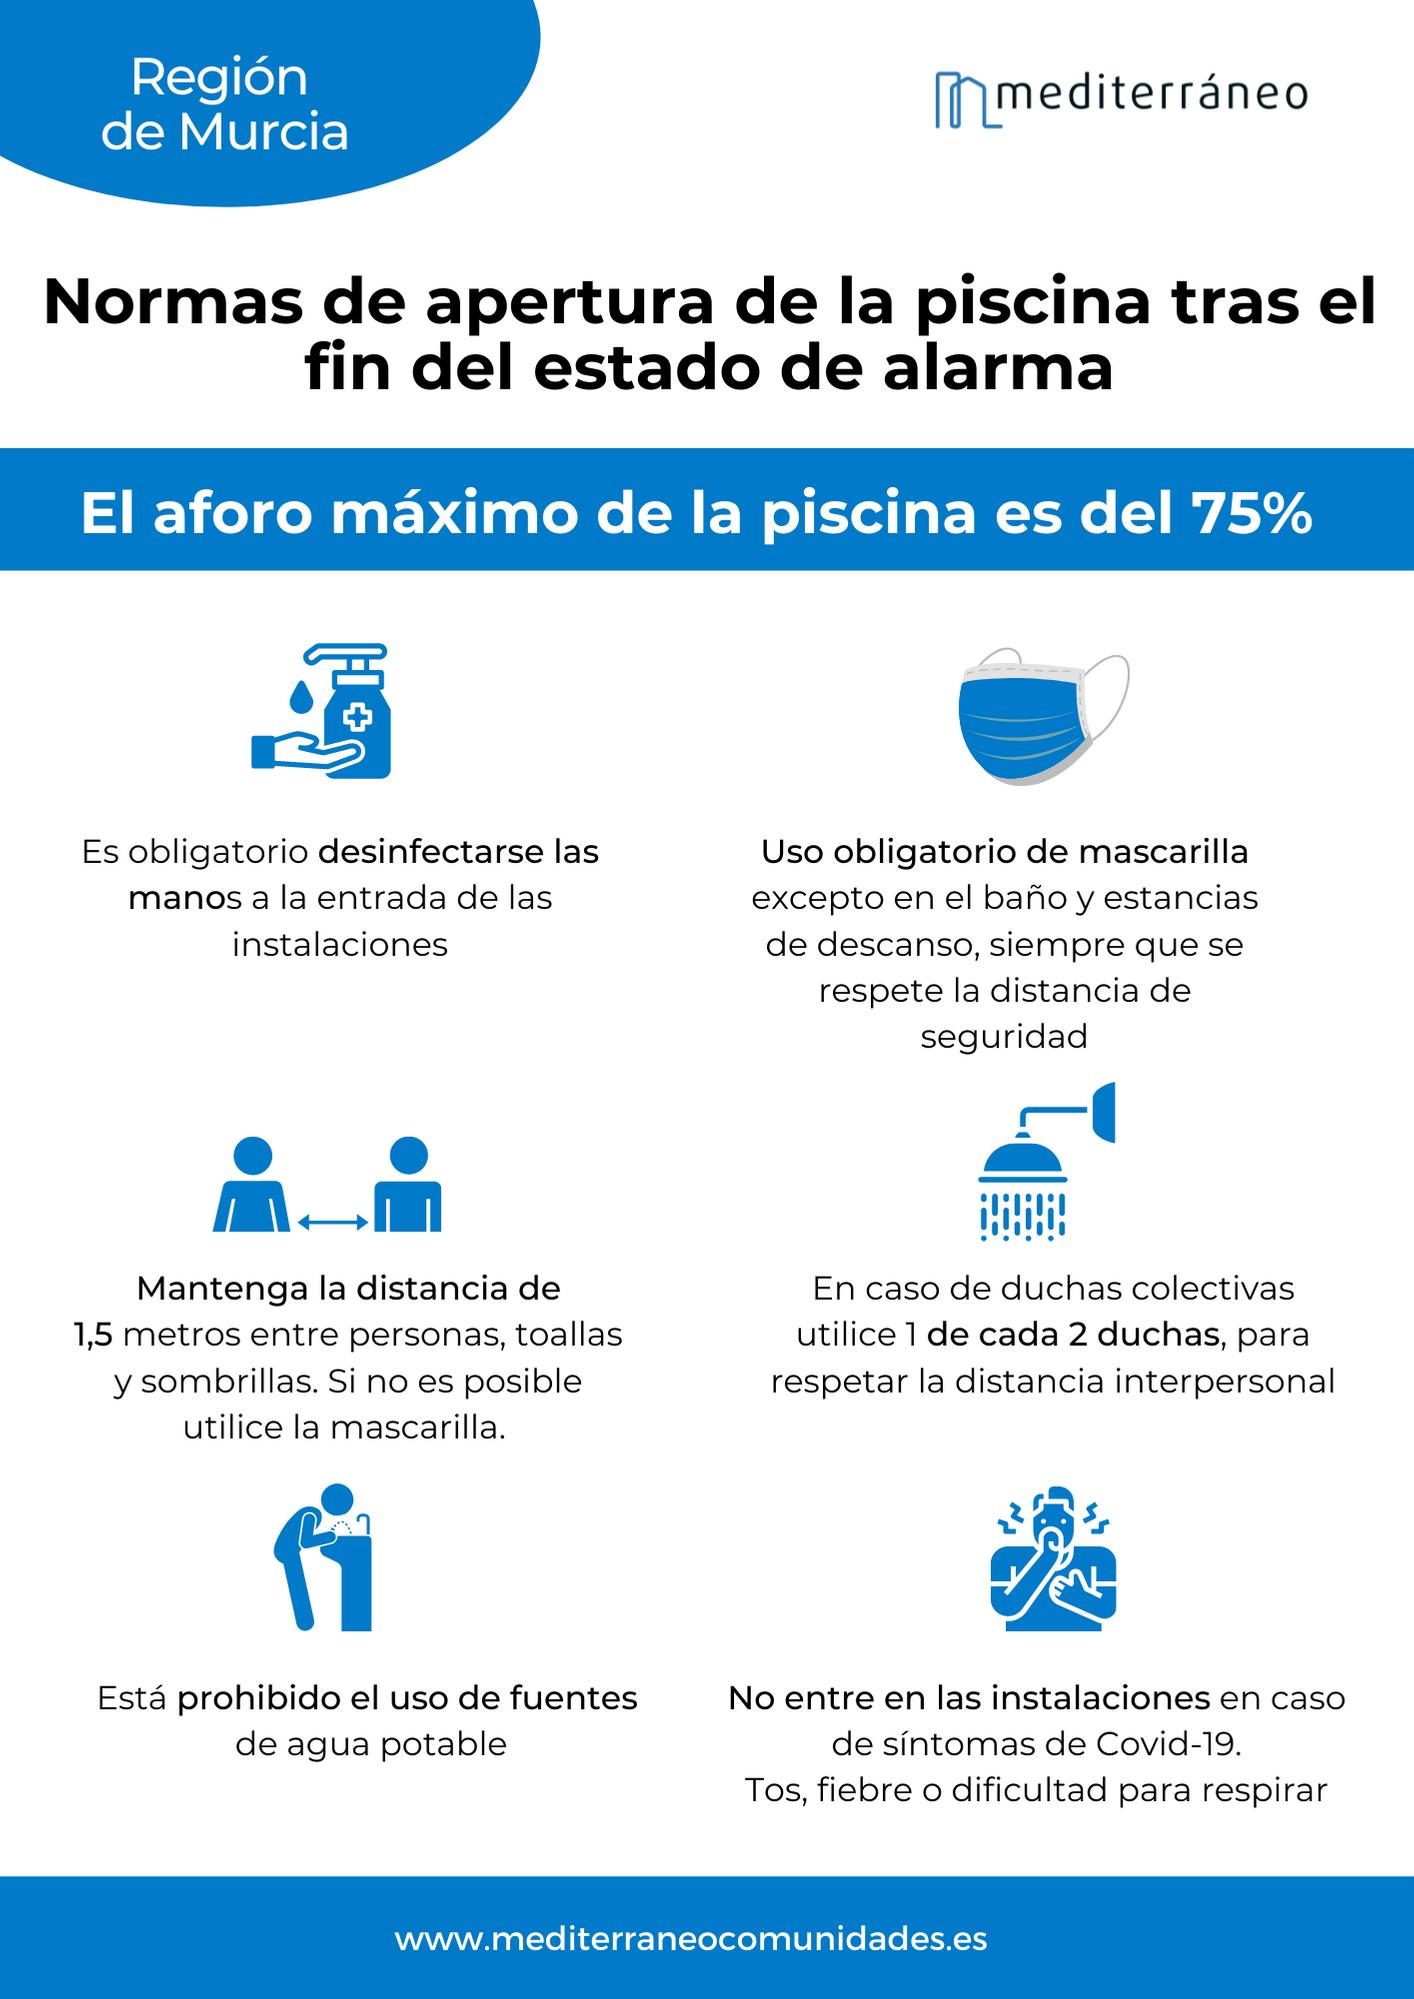 Normas apertura piscinas 2021 en la Región de Murcia